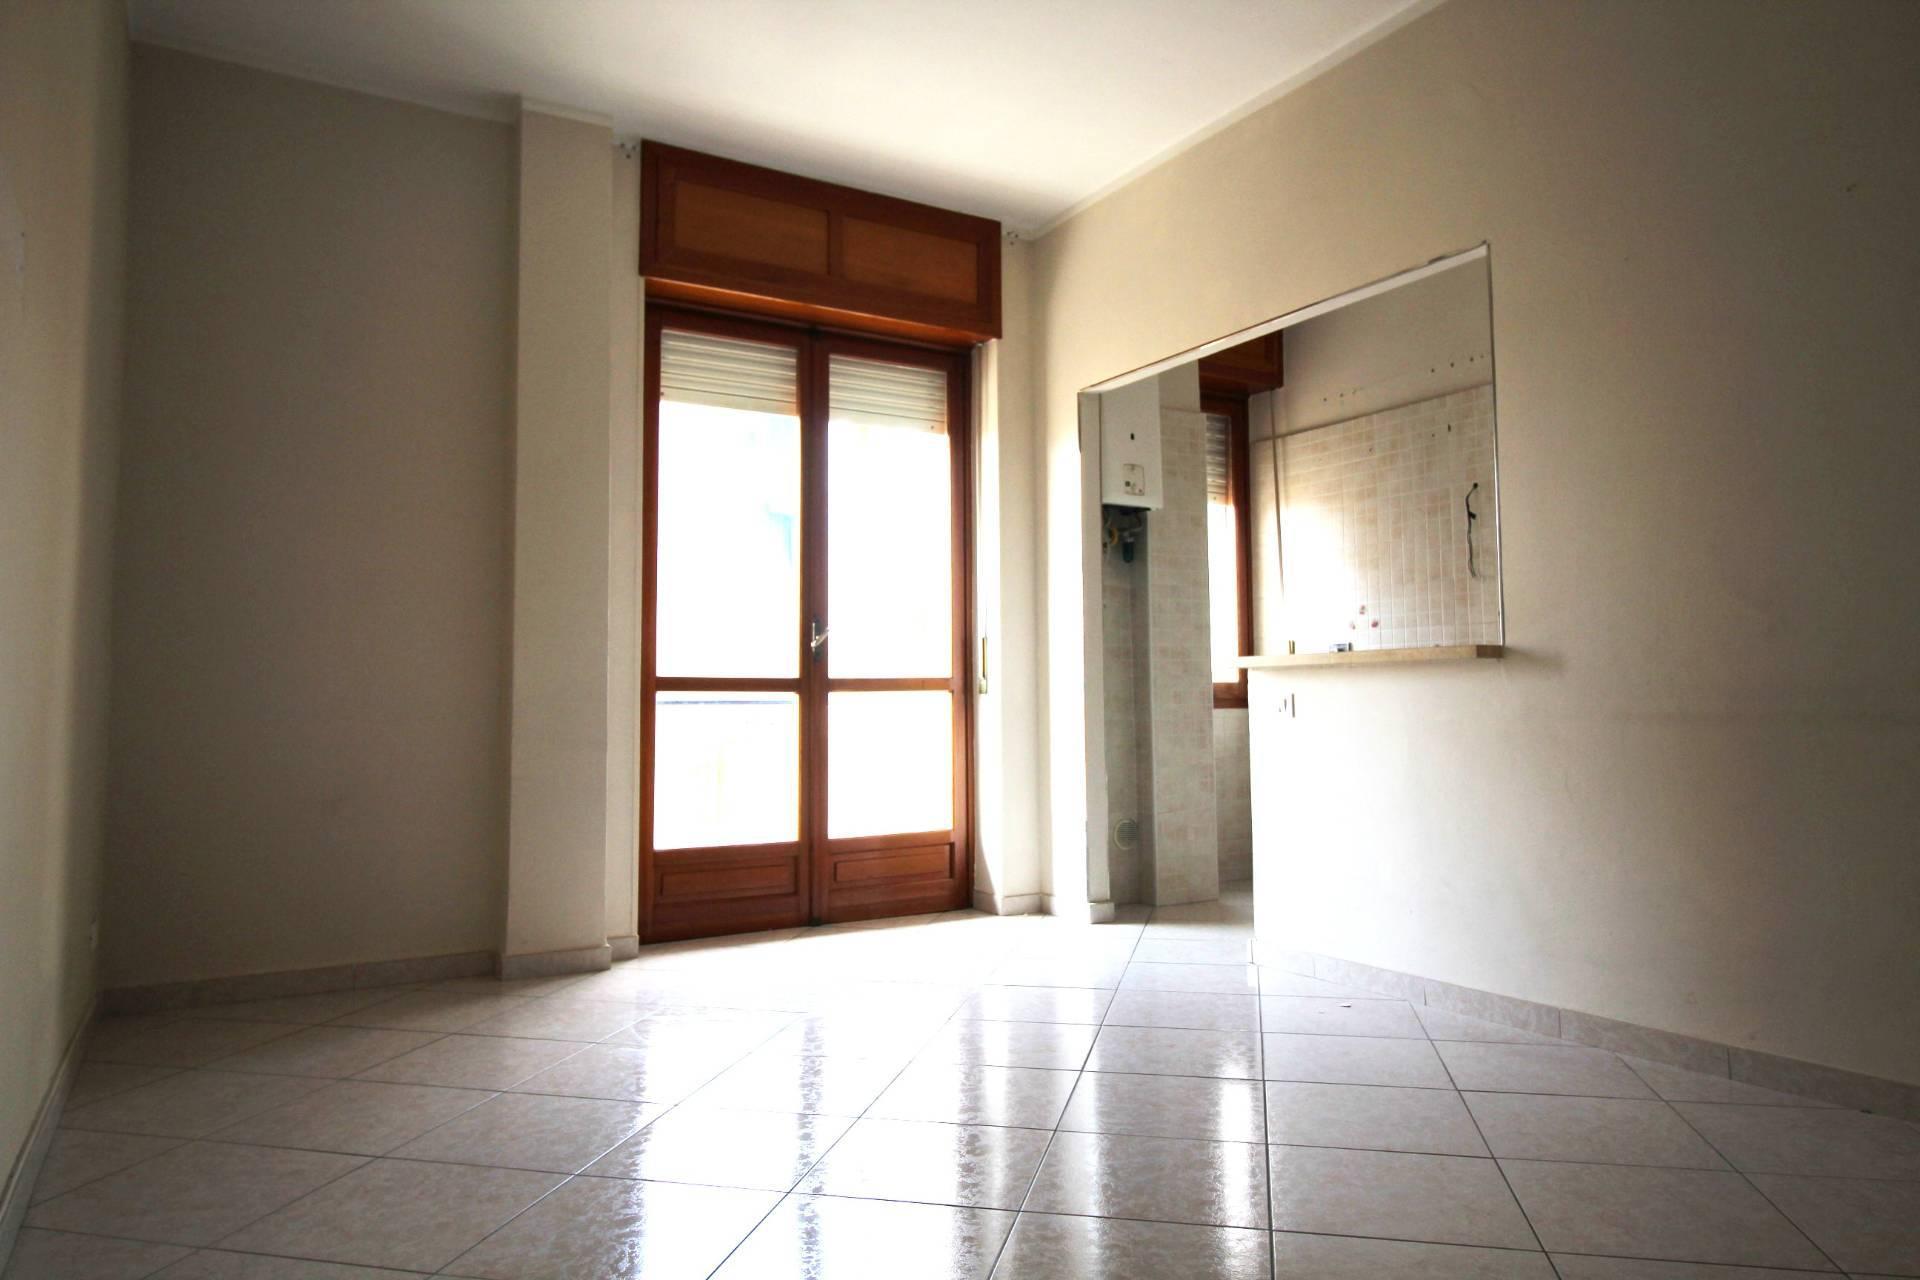 Vendita Trilocale Appartamento Collegno 254466